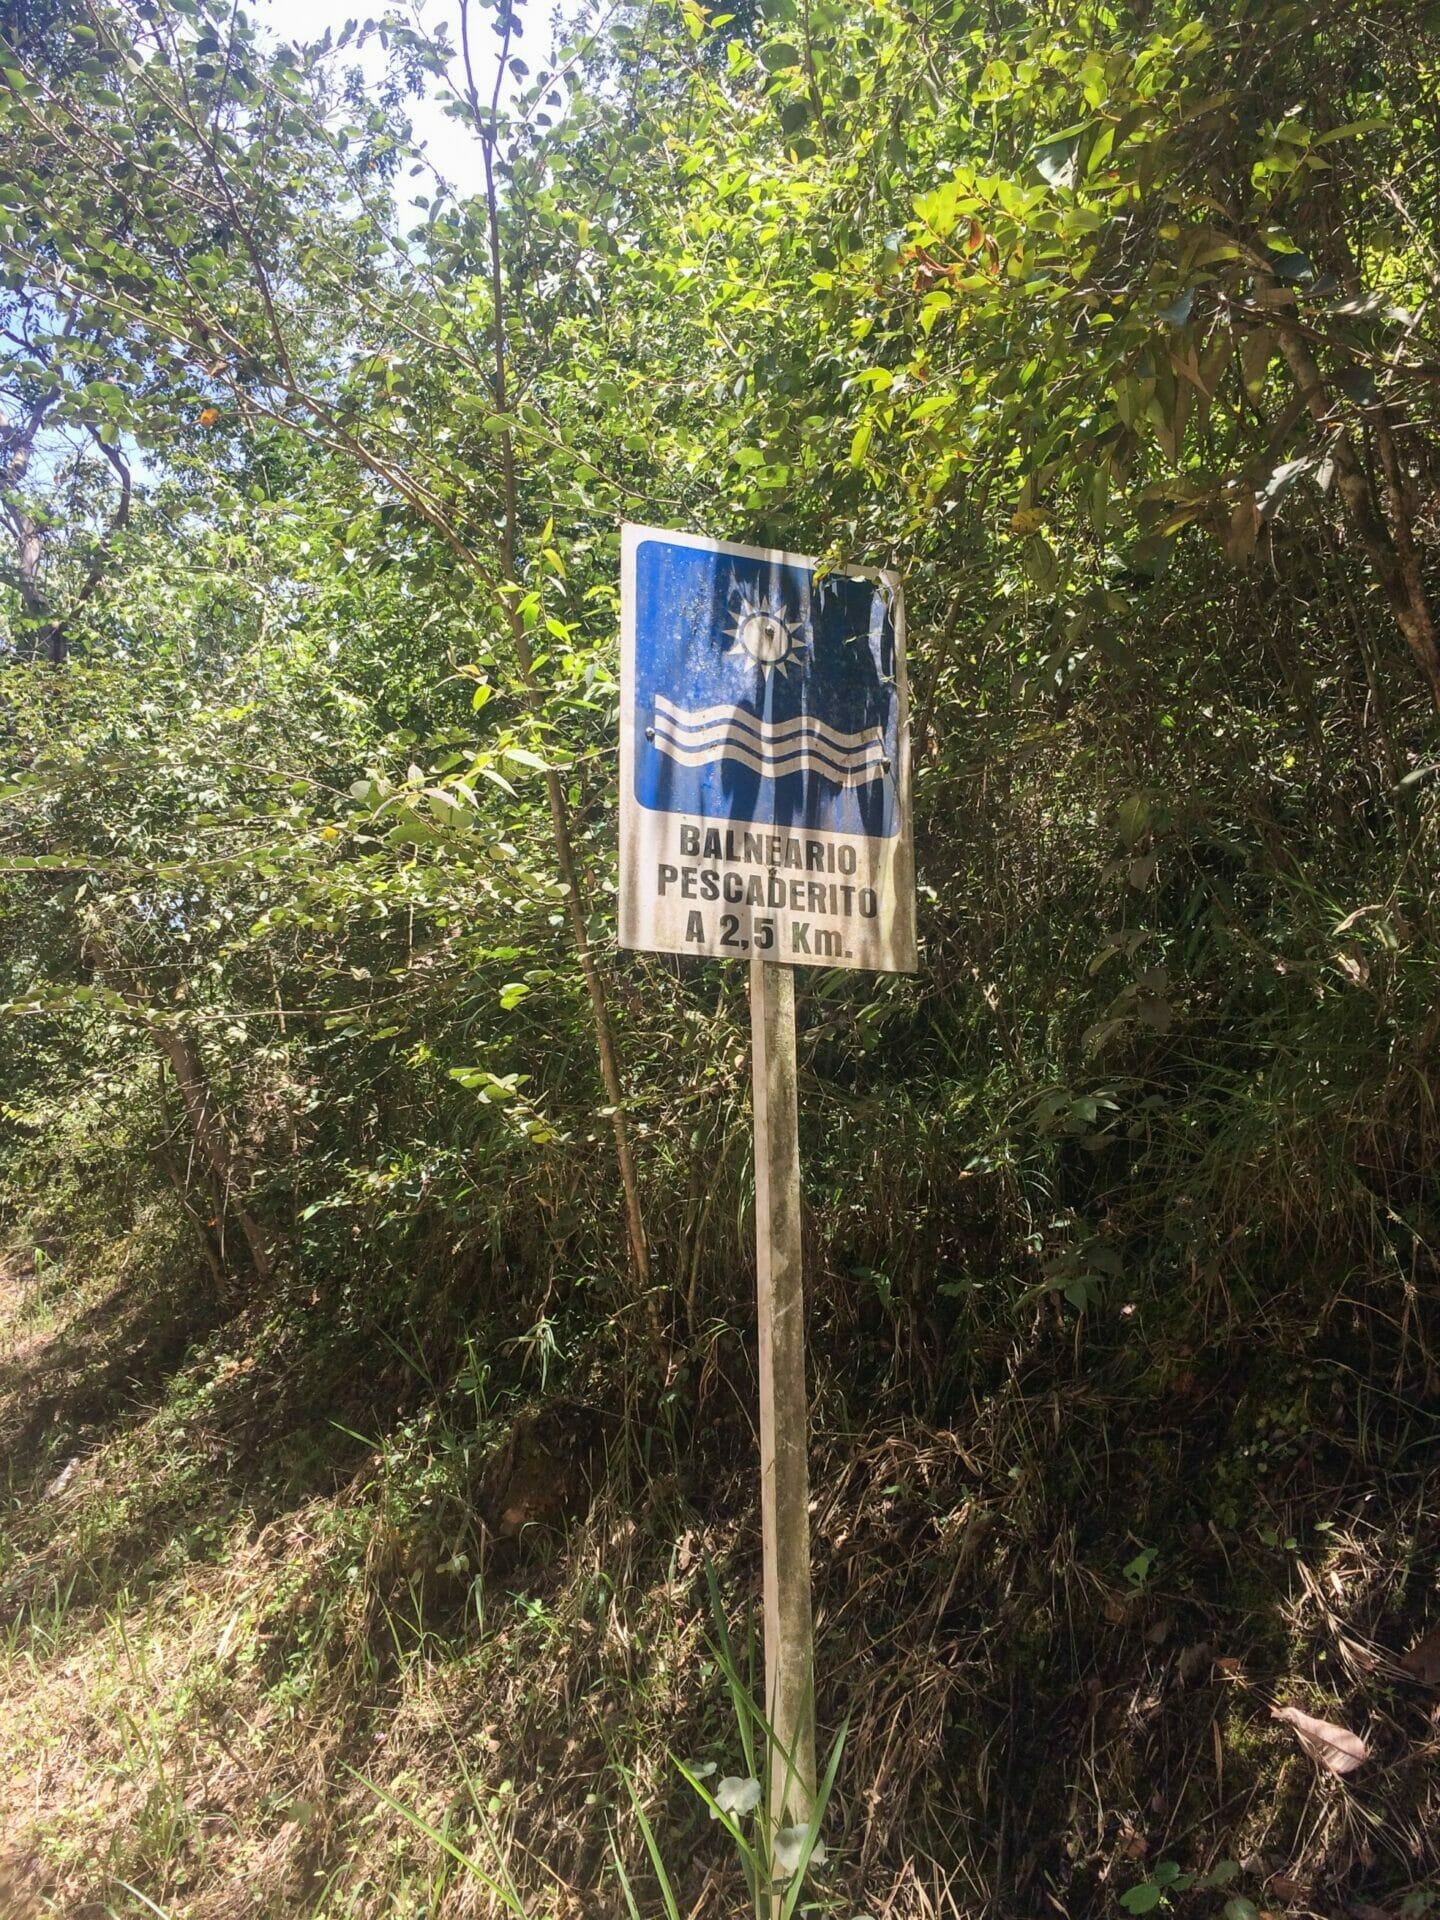 Sign for Pescadarito near San Gil Colombia